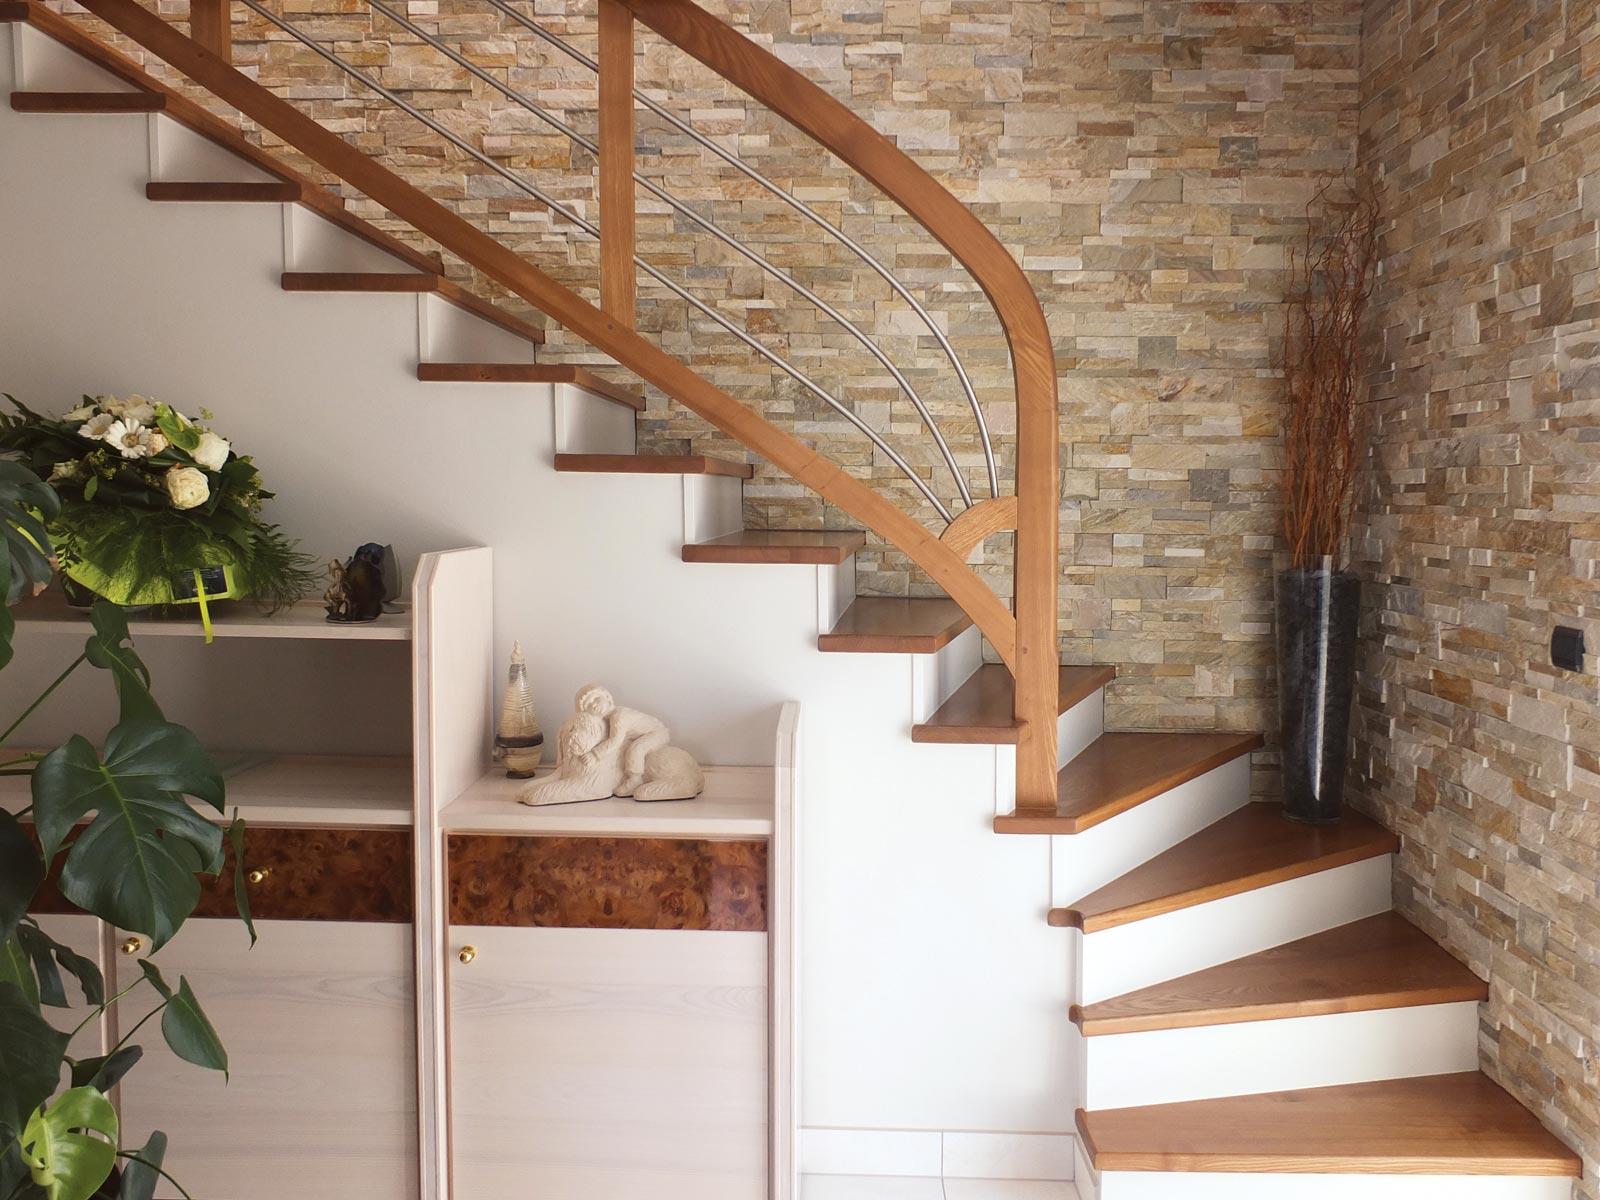 Escalier en habillage bois